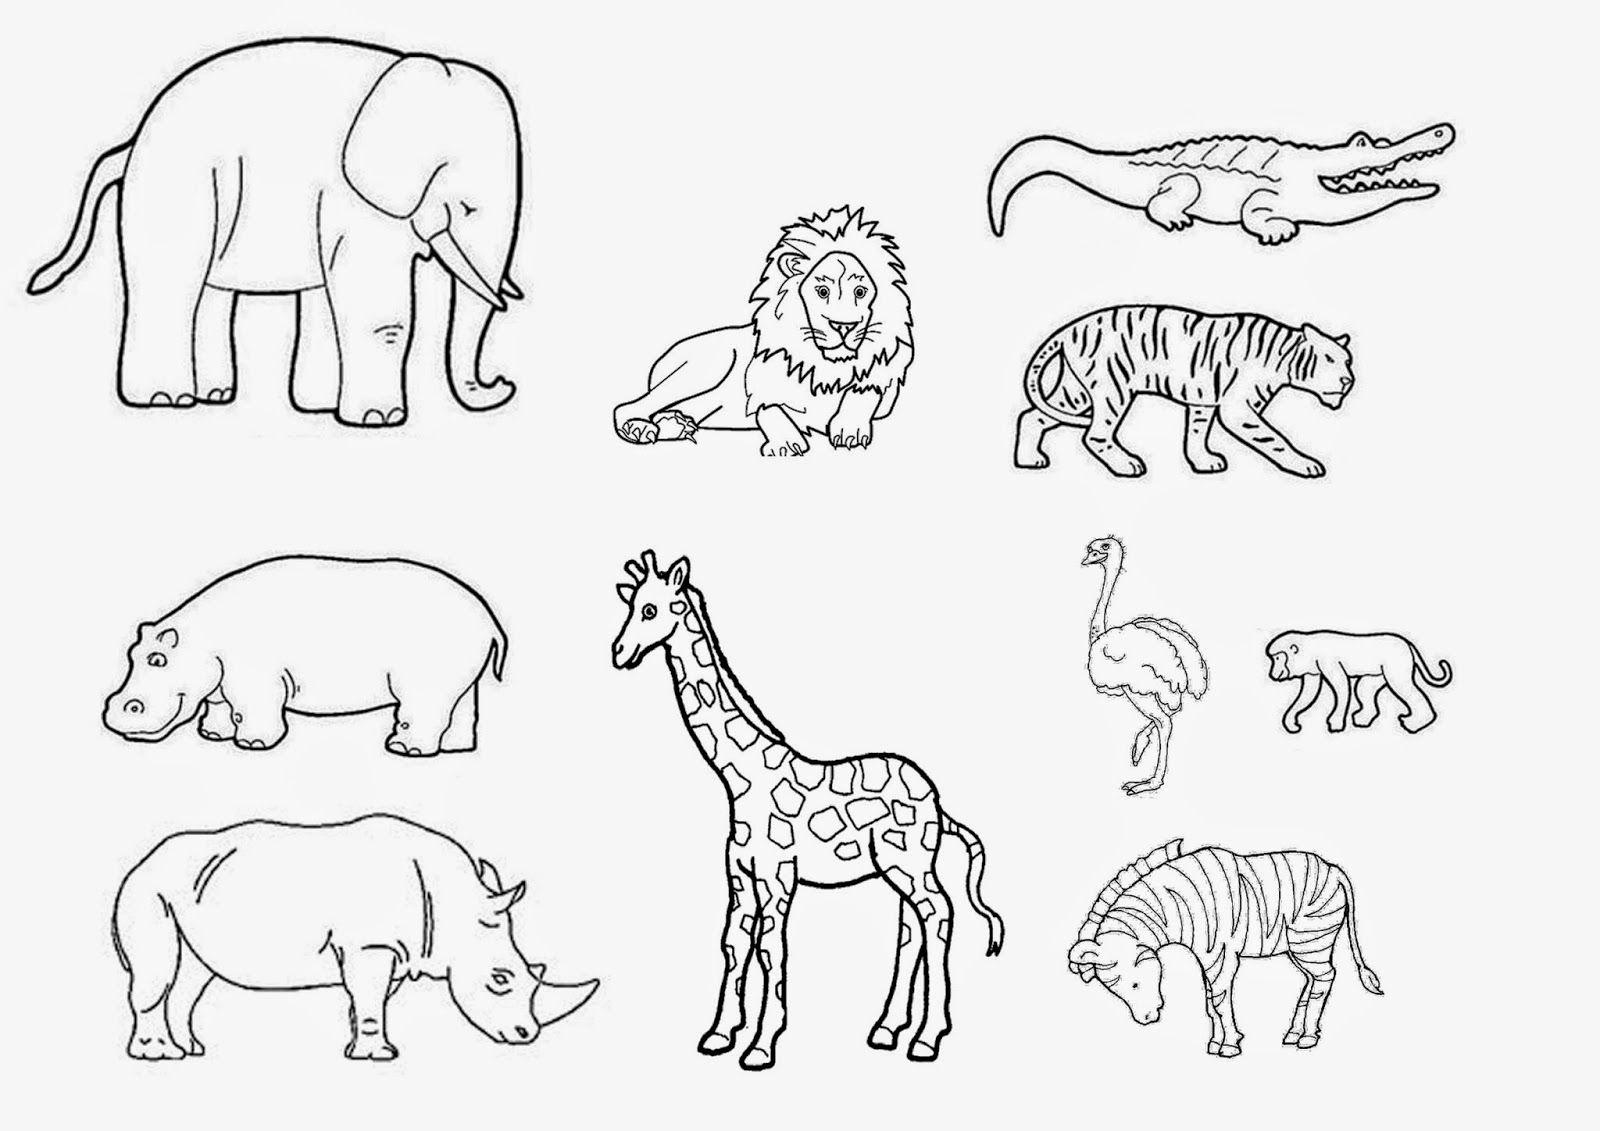 Gabarit Animaux Savane - Recherche Google | Coloriage destiné Silhouette D Animaux À Imprimer